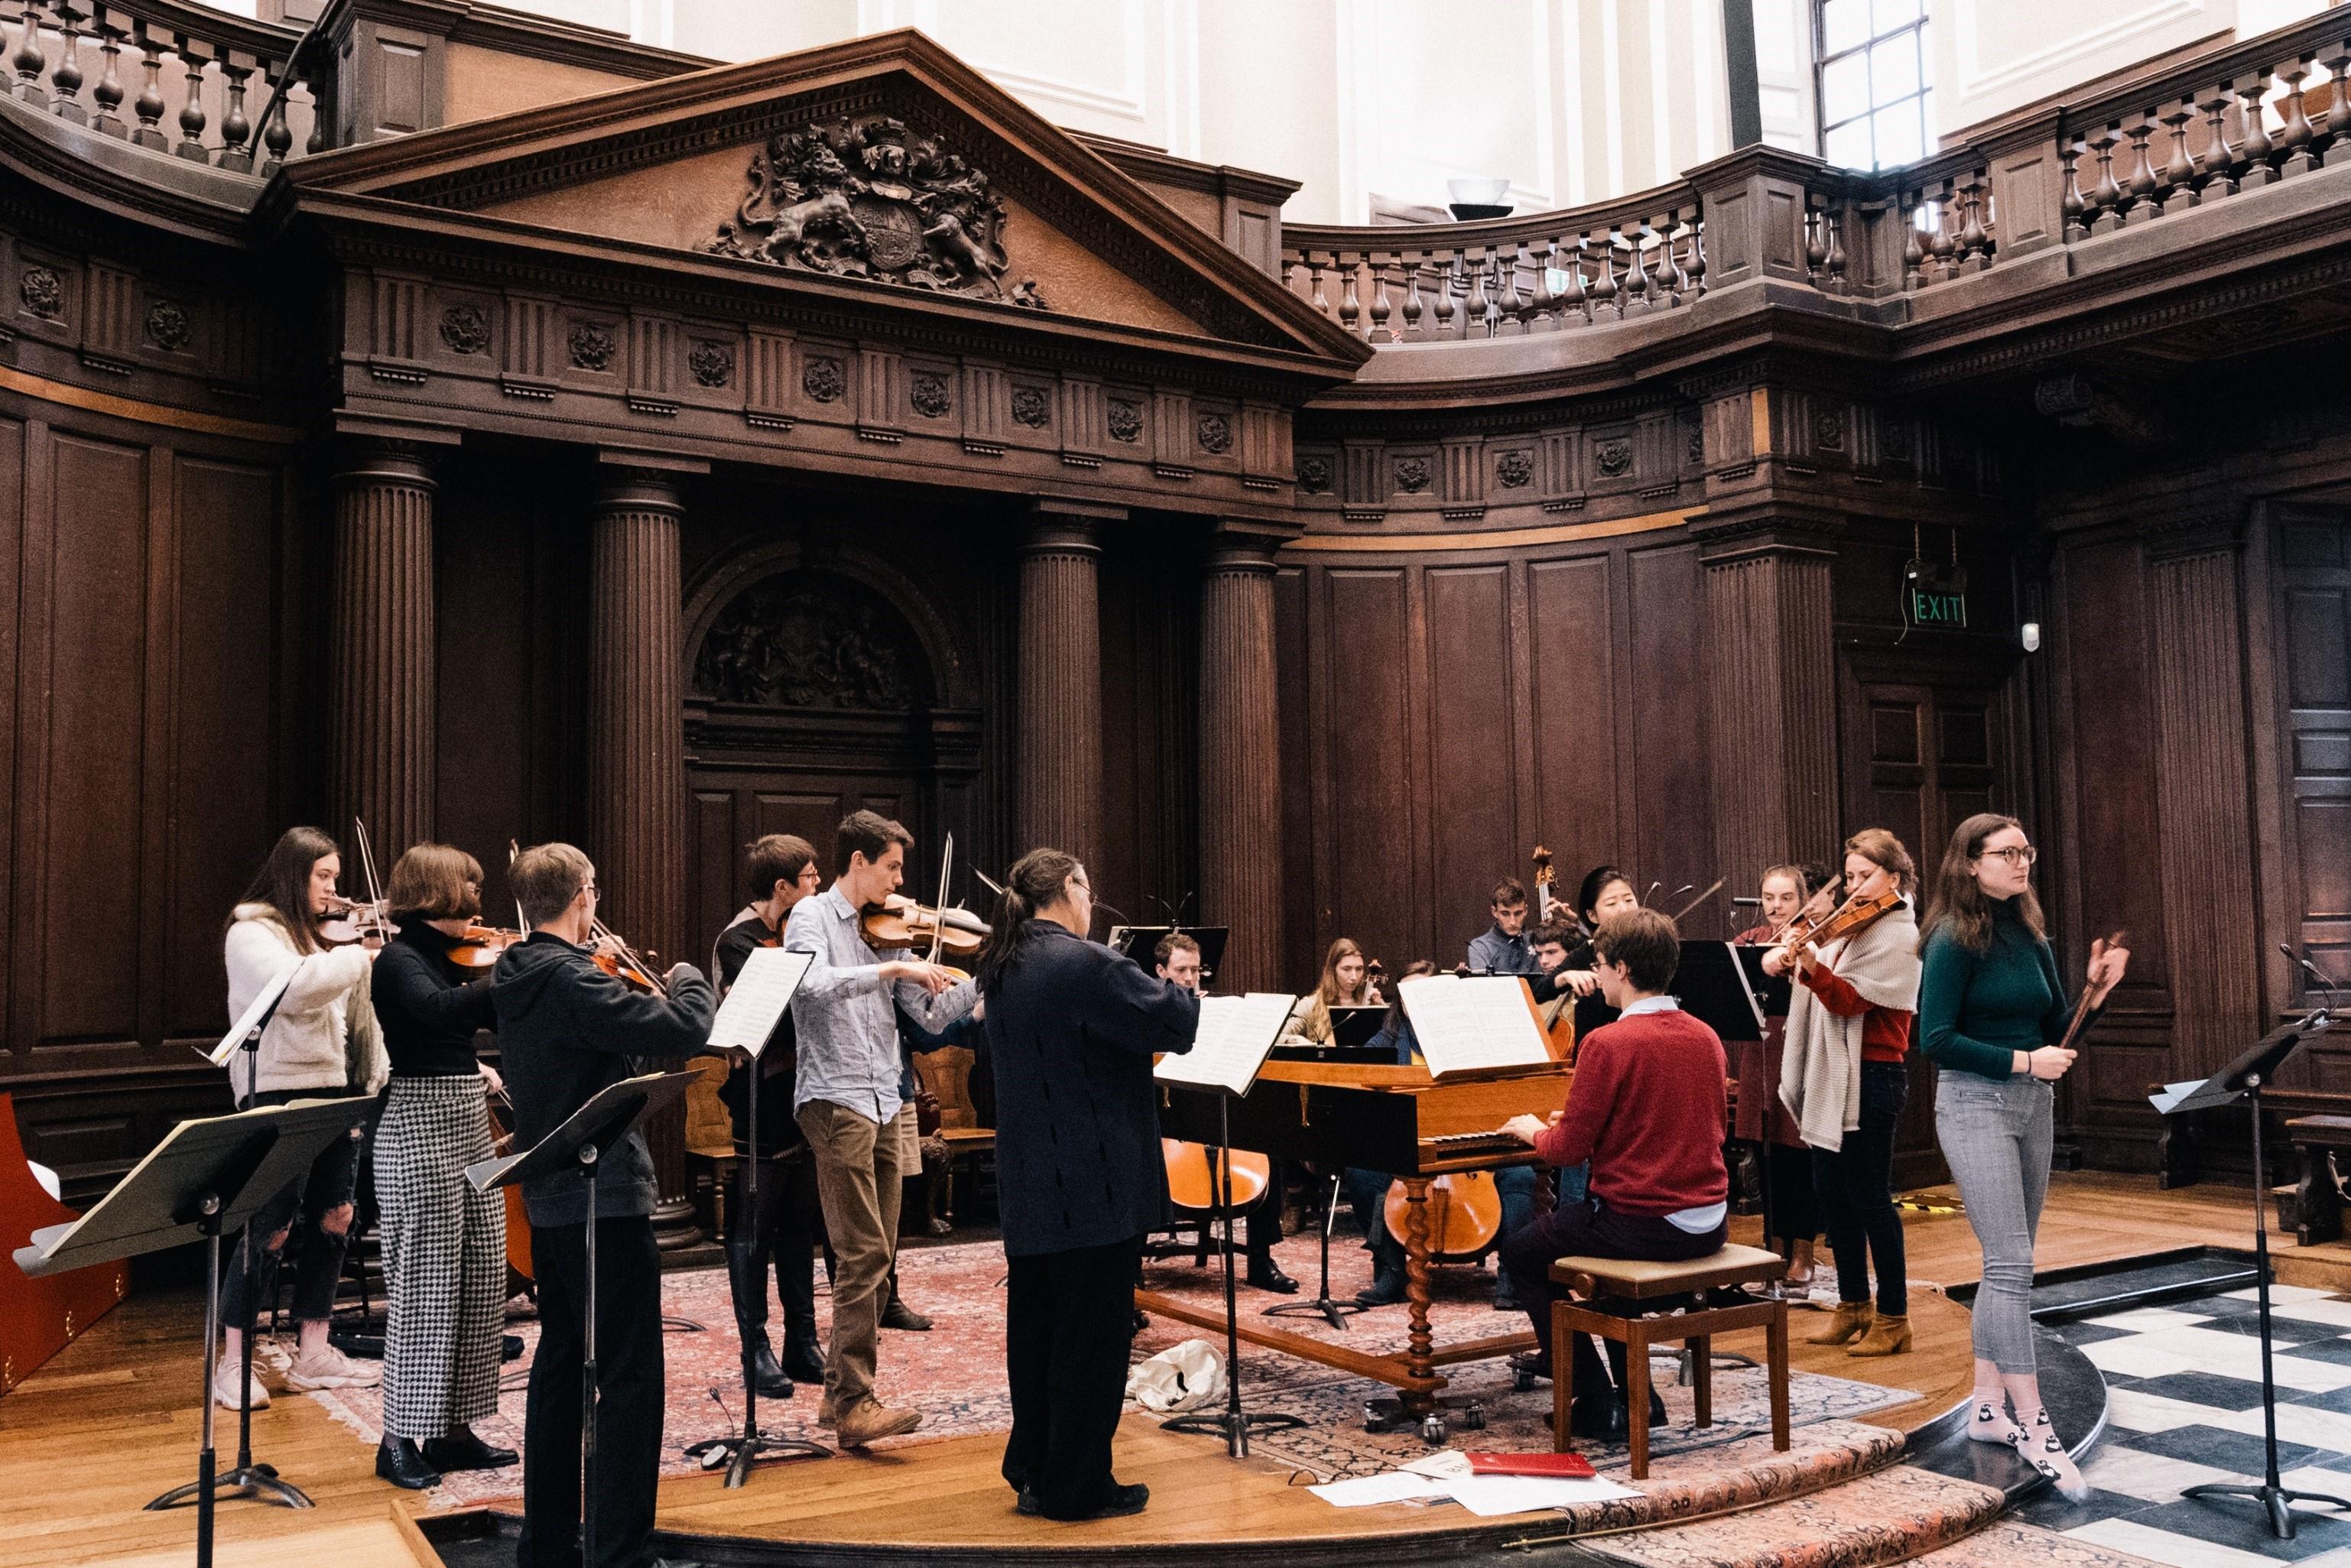 Collegium Musicum performing in the Senate House, November 2019